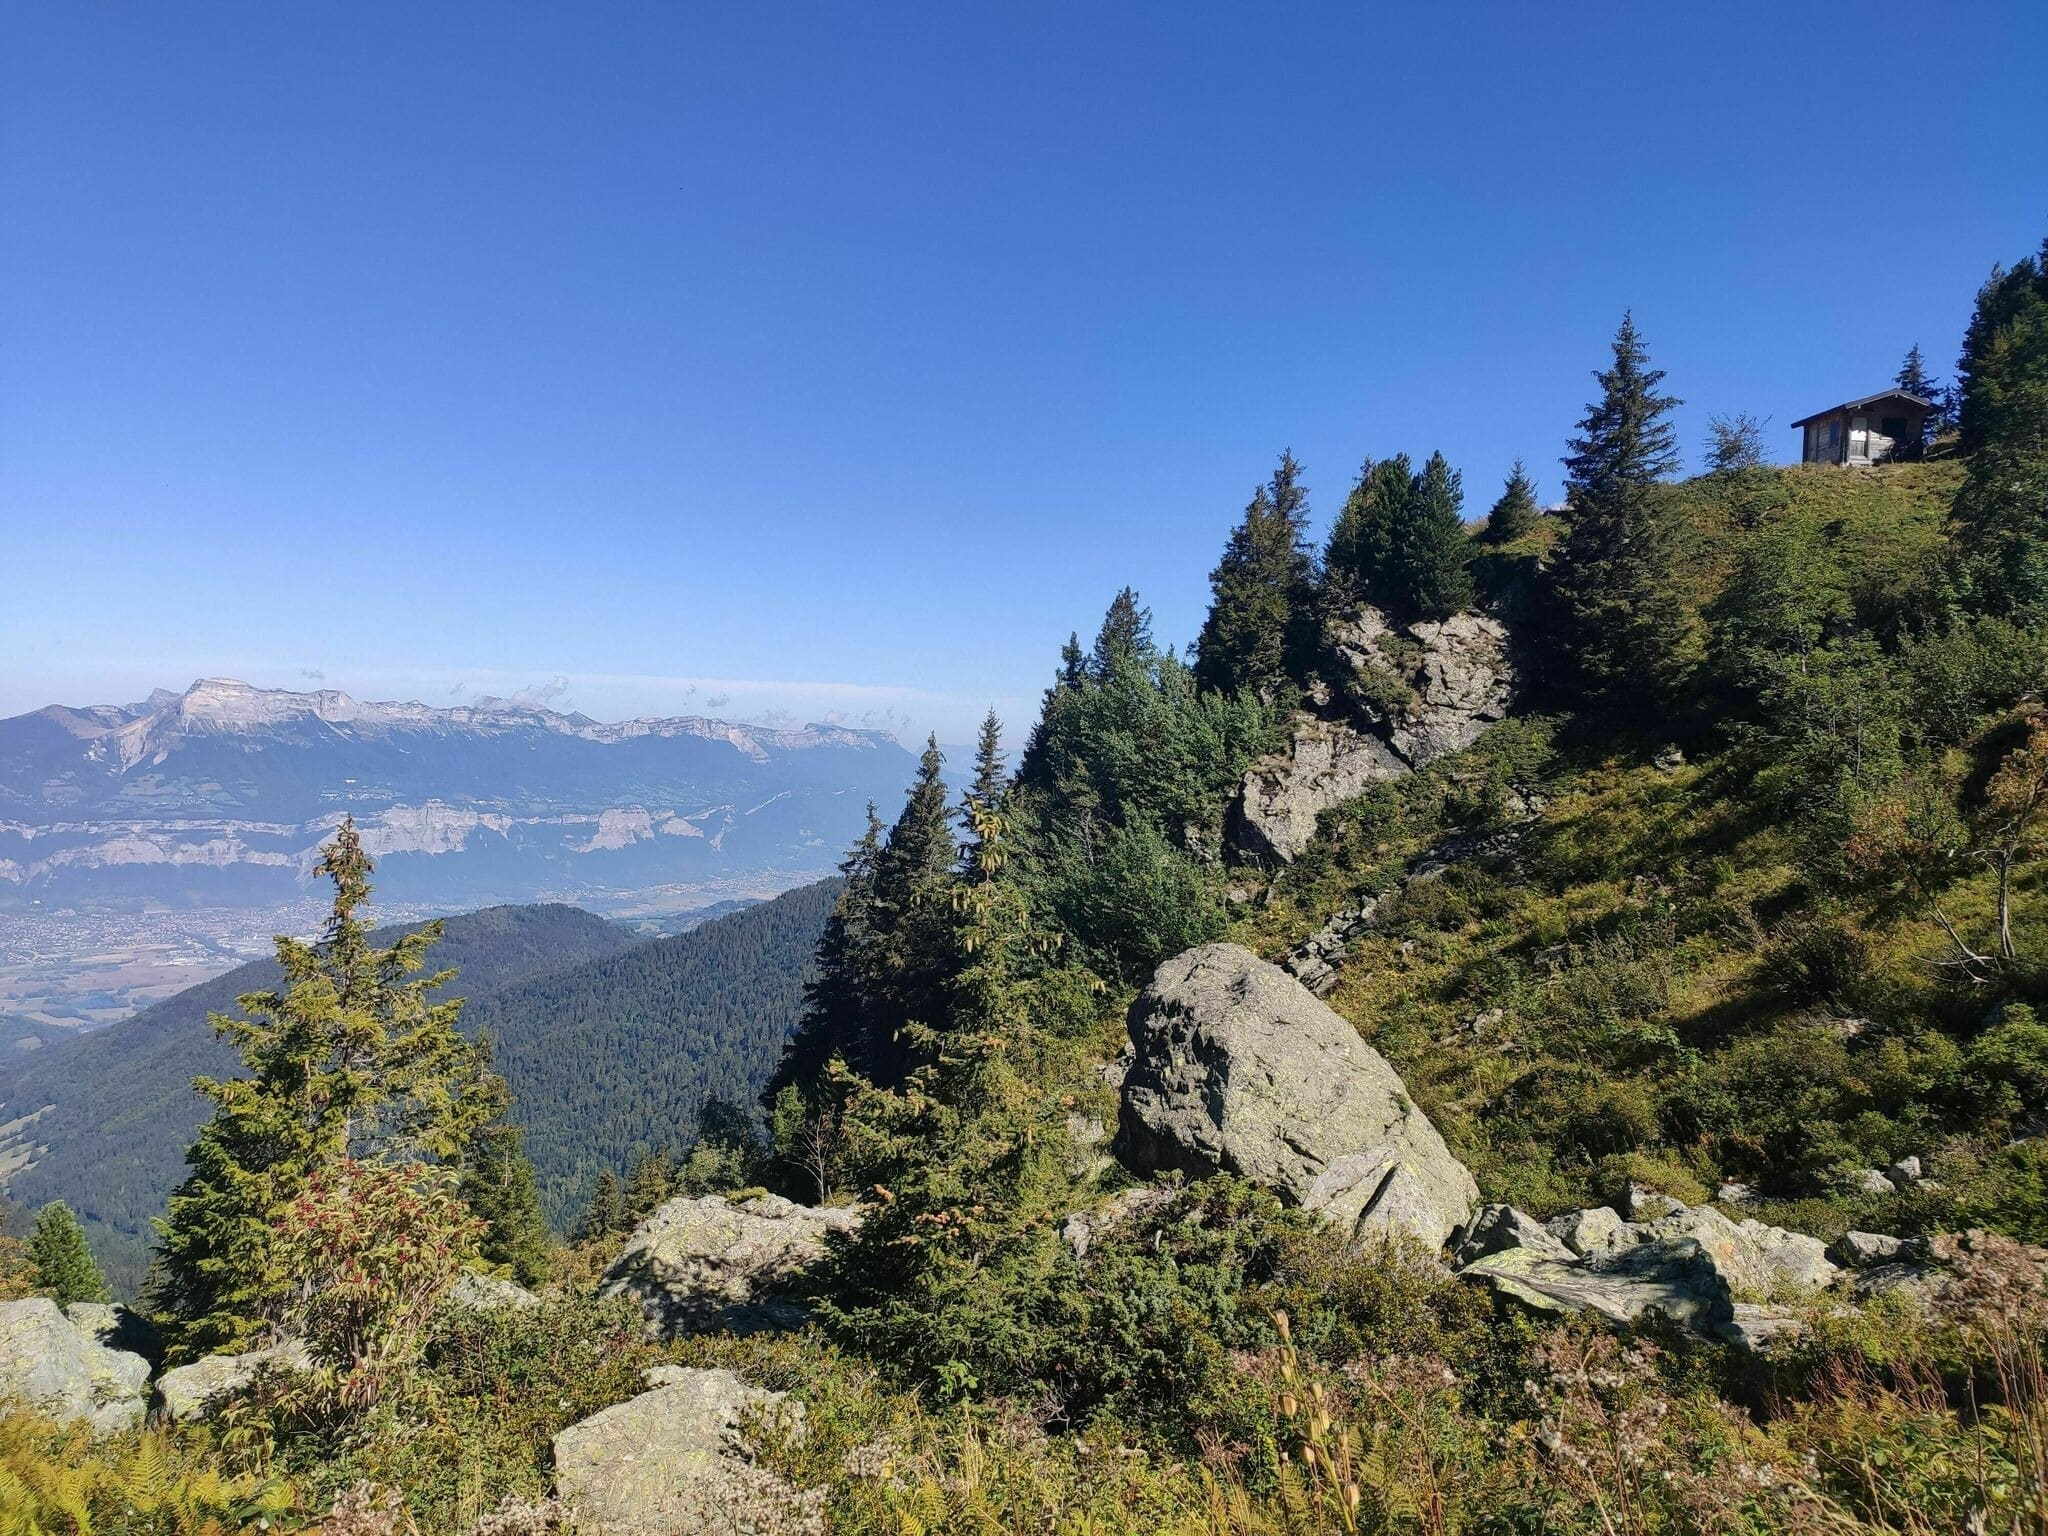 Randonnée Grenoble : Le lac du Crozet depuis les 4 Chemins